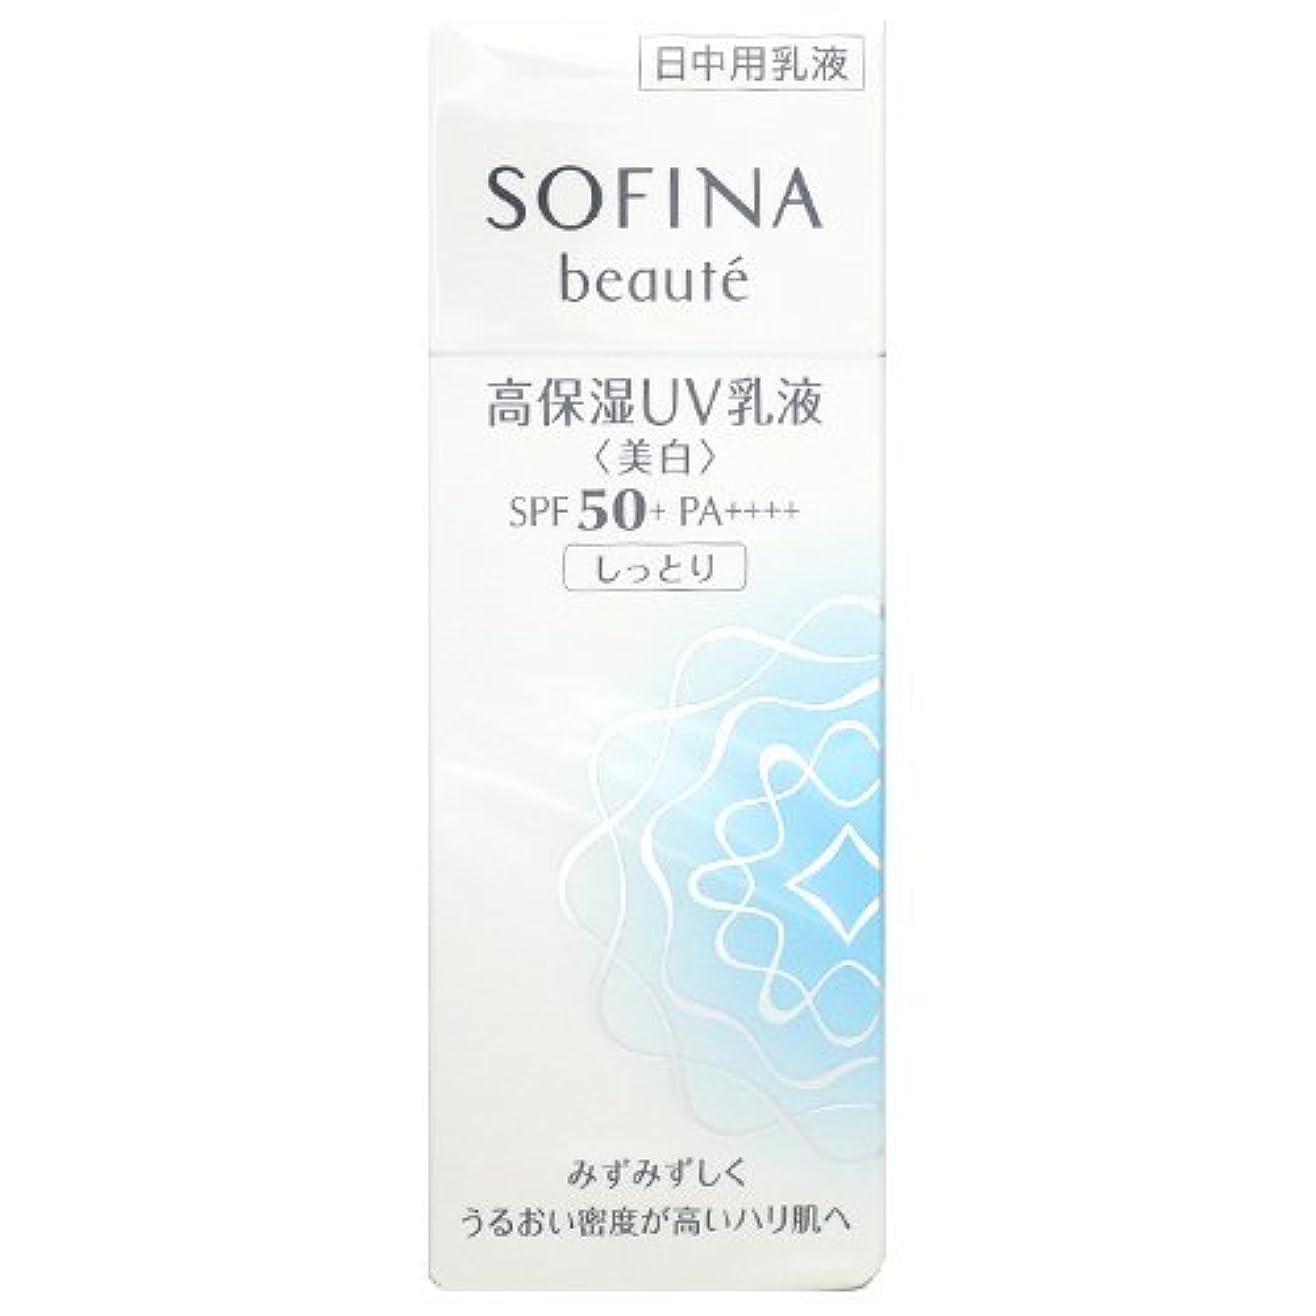 おめでとうマットデュアル花王 ソフィーナ ボーテ SOFINA beaute 高保湿UV乳液 美白 SPF50+ PA++++ しっとり 30g [並行輸入品]